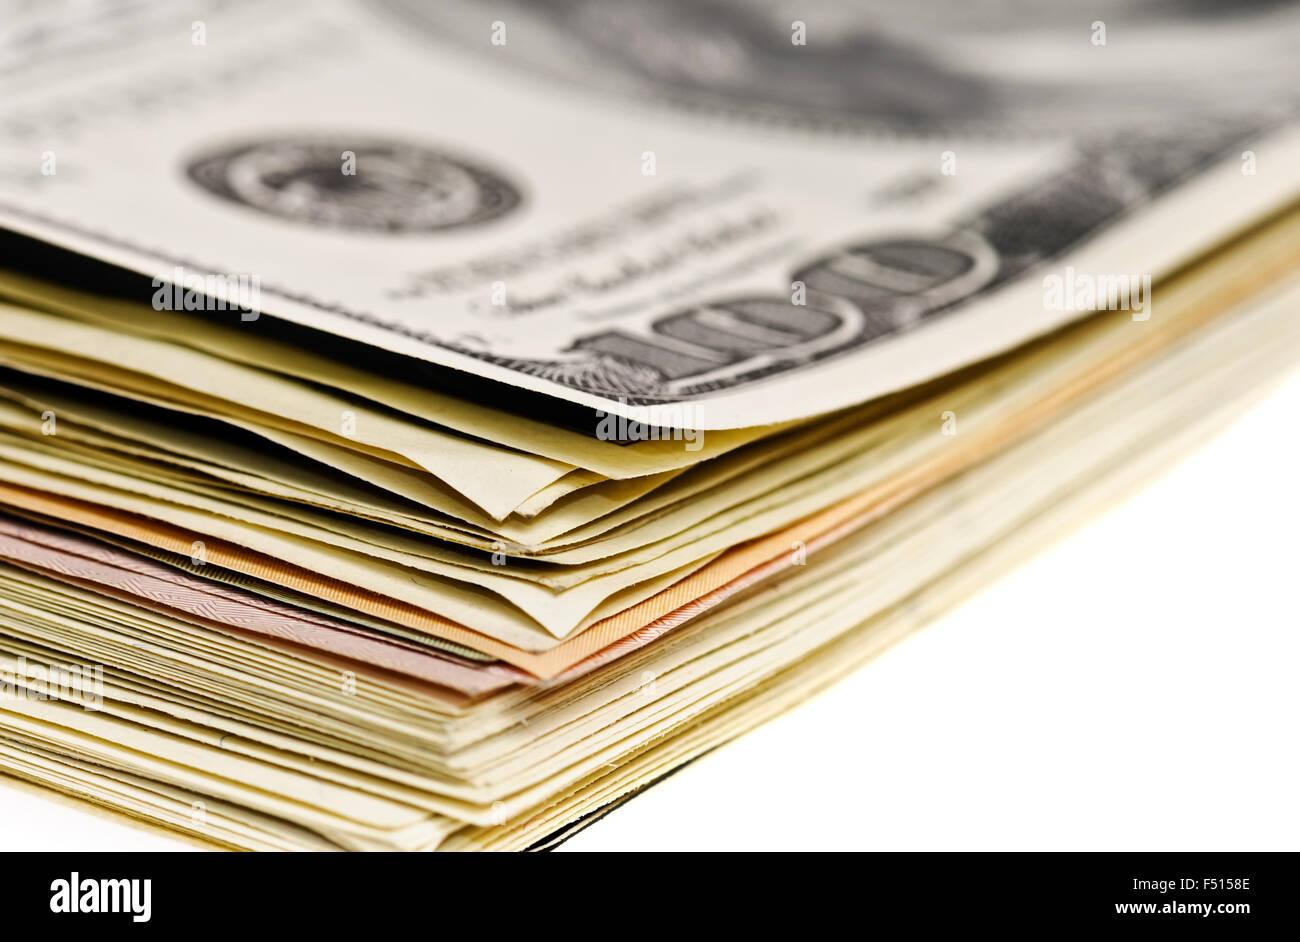 Pila de billetes de dólar vista macro aislado en blanco Imagen De Stock